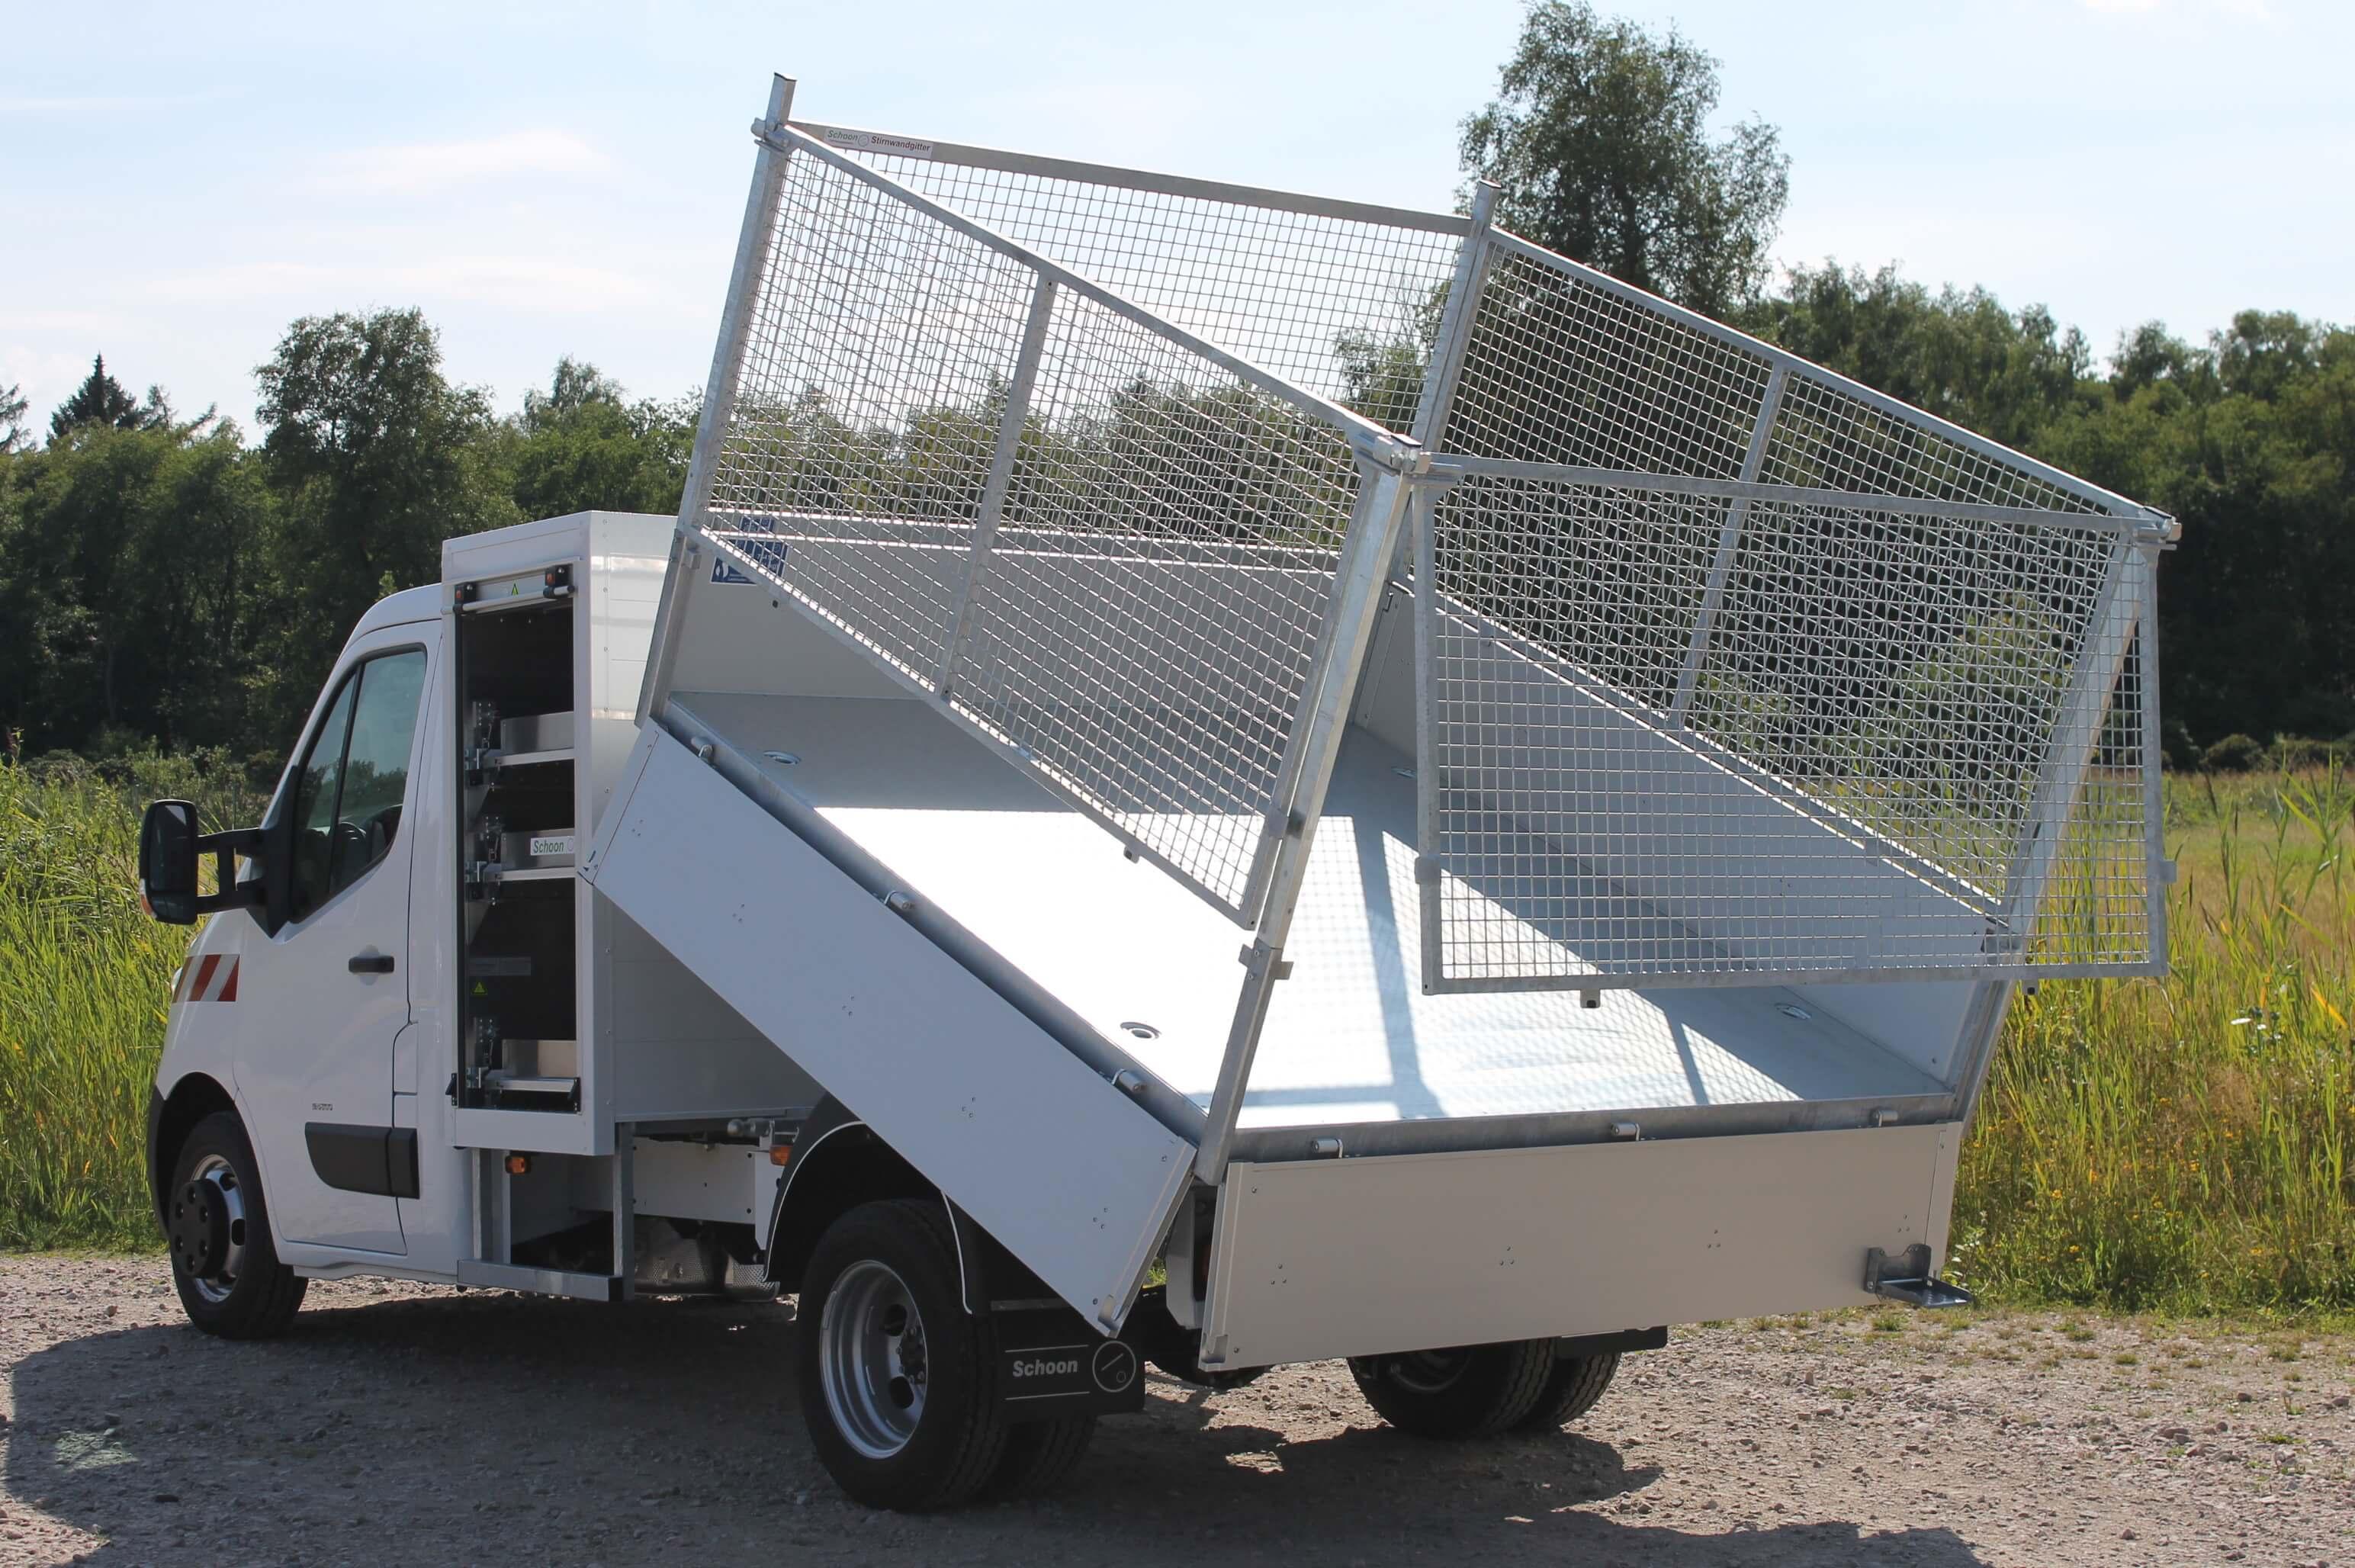 Garten Landschaftsbau Schoon Fahrzeugsysteme